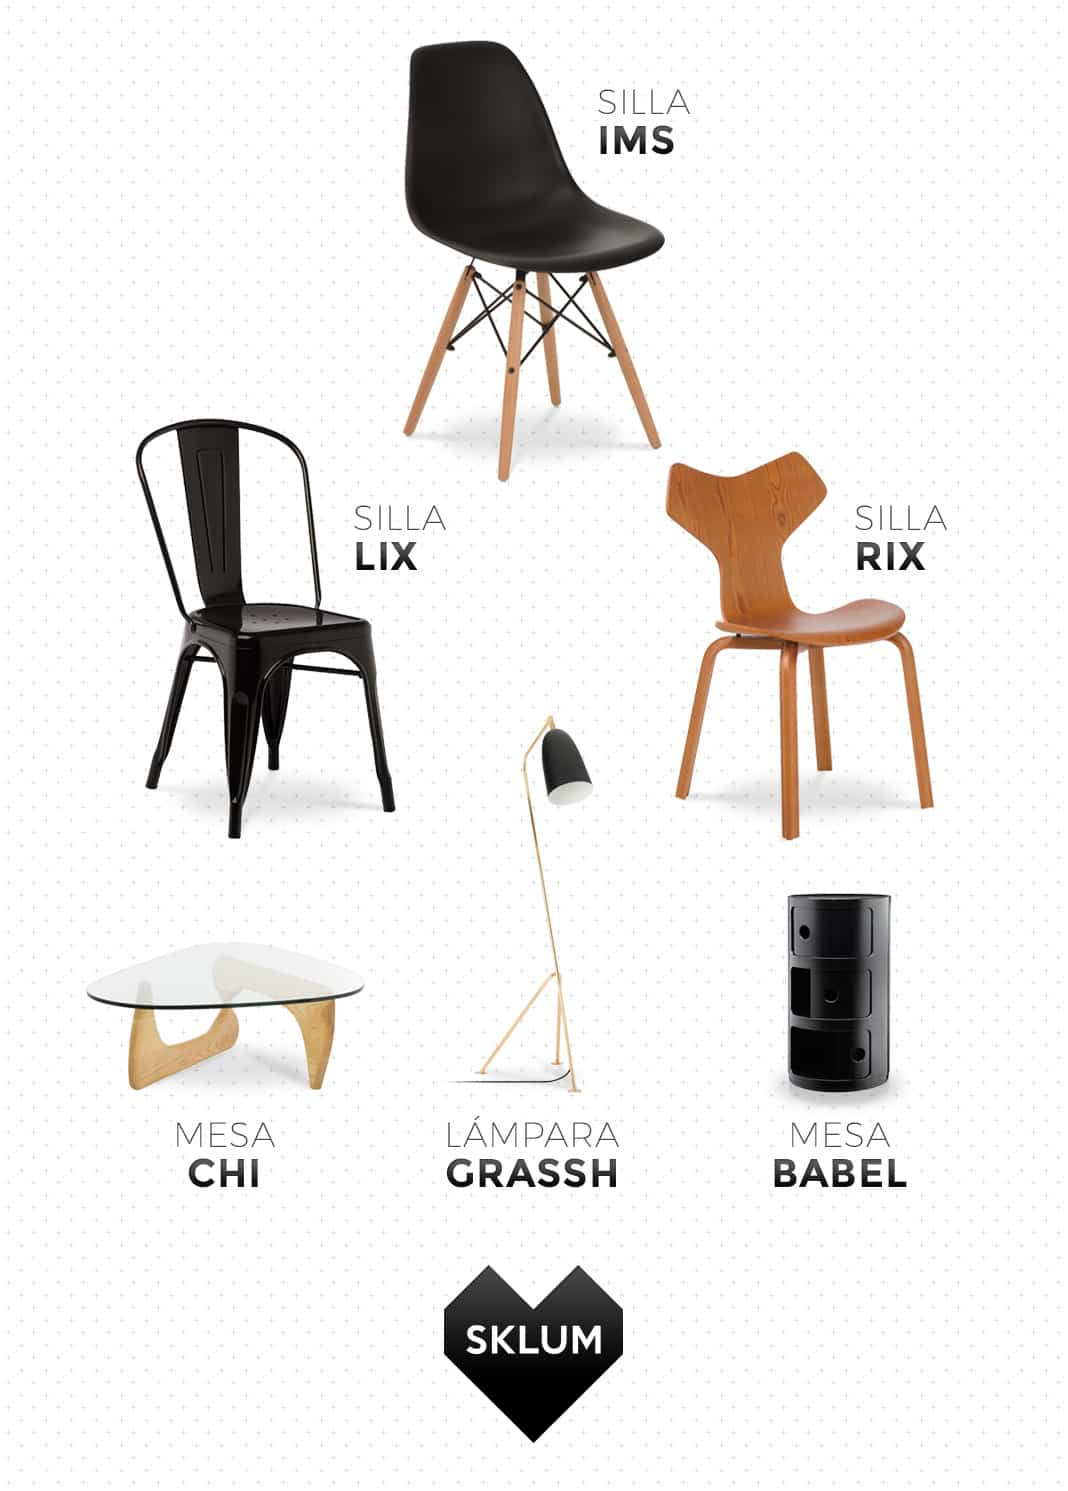 Llega sklum la marca de muebles de dise o de inspiraci n - Sklum muebles ...